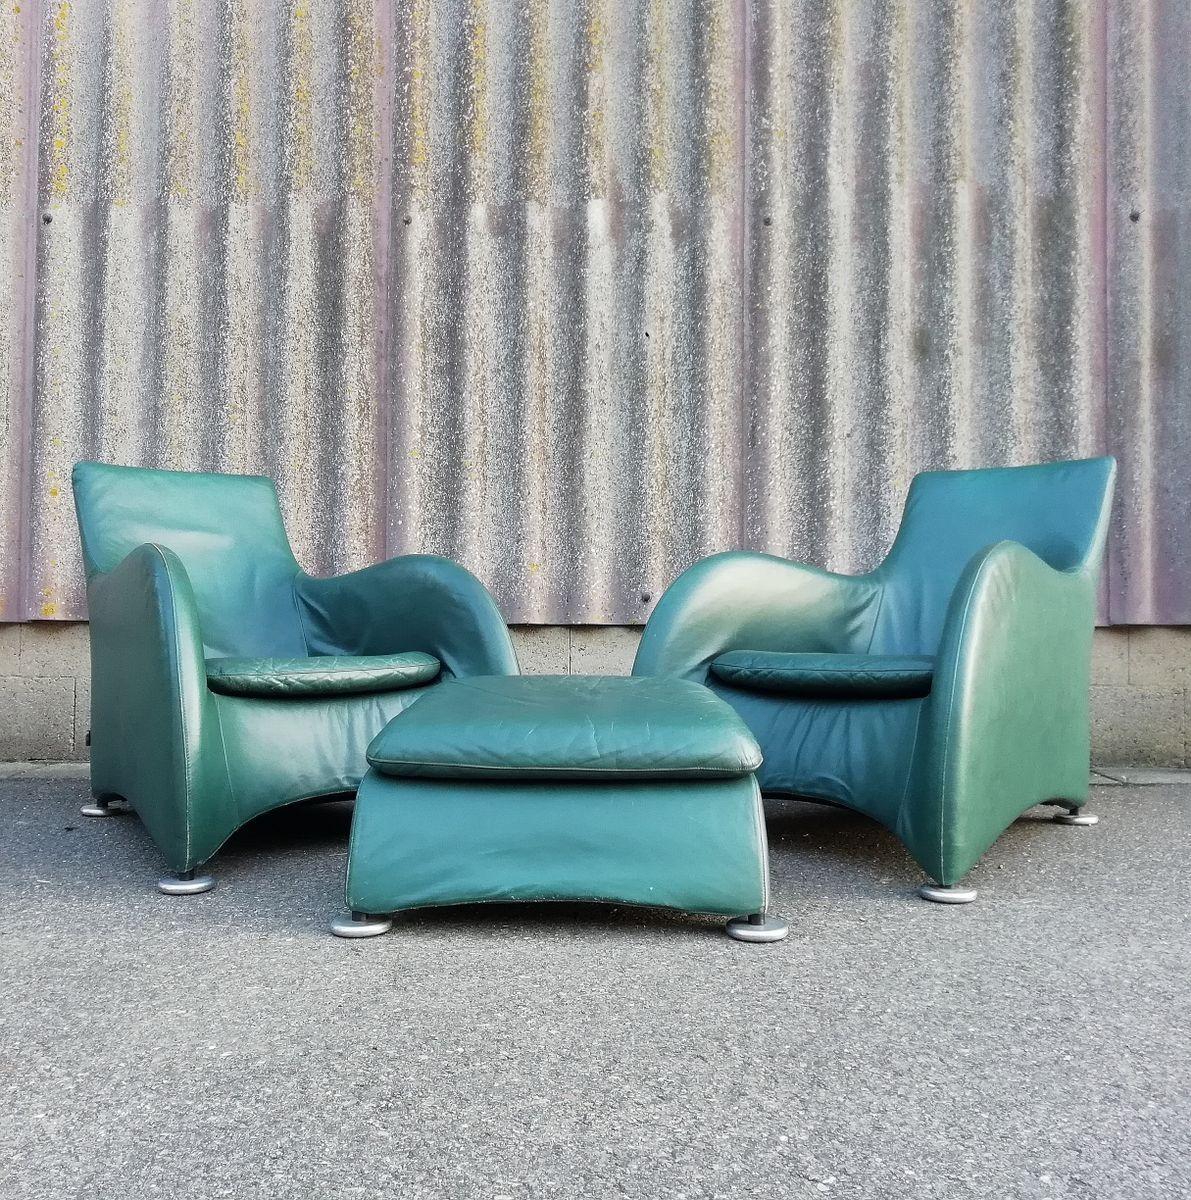 Mobel Sessel Ohrensessel Modern Mit Hocker Relaxsessel Hocker Leder Braun Sessel Und Hocker Gunstig Wohnzim Wohnzimmer Sessel Ohrensessel Modern Sessel